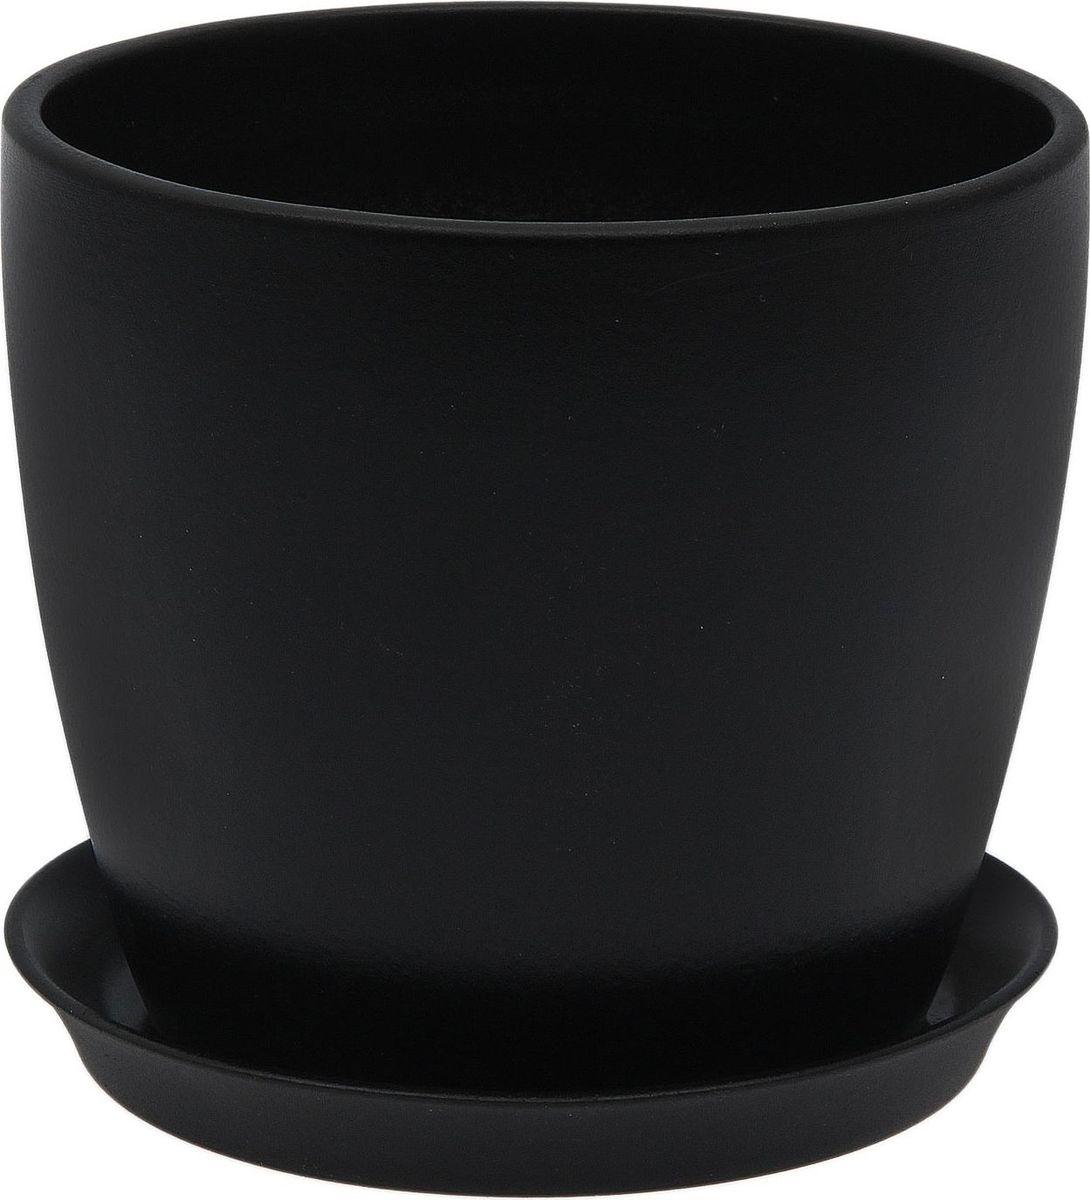 Кашпо Керамика ручной работы Осень. Лак, цвет: черный, 0,25 л1968857Комнатные растения — всеобщие любимцы. Они радуют глаз, насыщают помещение кислородом и украшают пространство. Каждому из них необходим свой удобный и красивый дом. Кашпо из керамики прекрасно подходят для высадки растений: за счёт пластичности глины и разных способов обработки существует великое множество форм и дизайновпористый материал позволяет испаряться лишней влагевоздух, необходимый для дыхания корней, проникает сквозь керамические стенки! #name# позаботится о зелёном питомце, освежит интерьер и подчеркнёт его стиль.